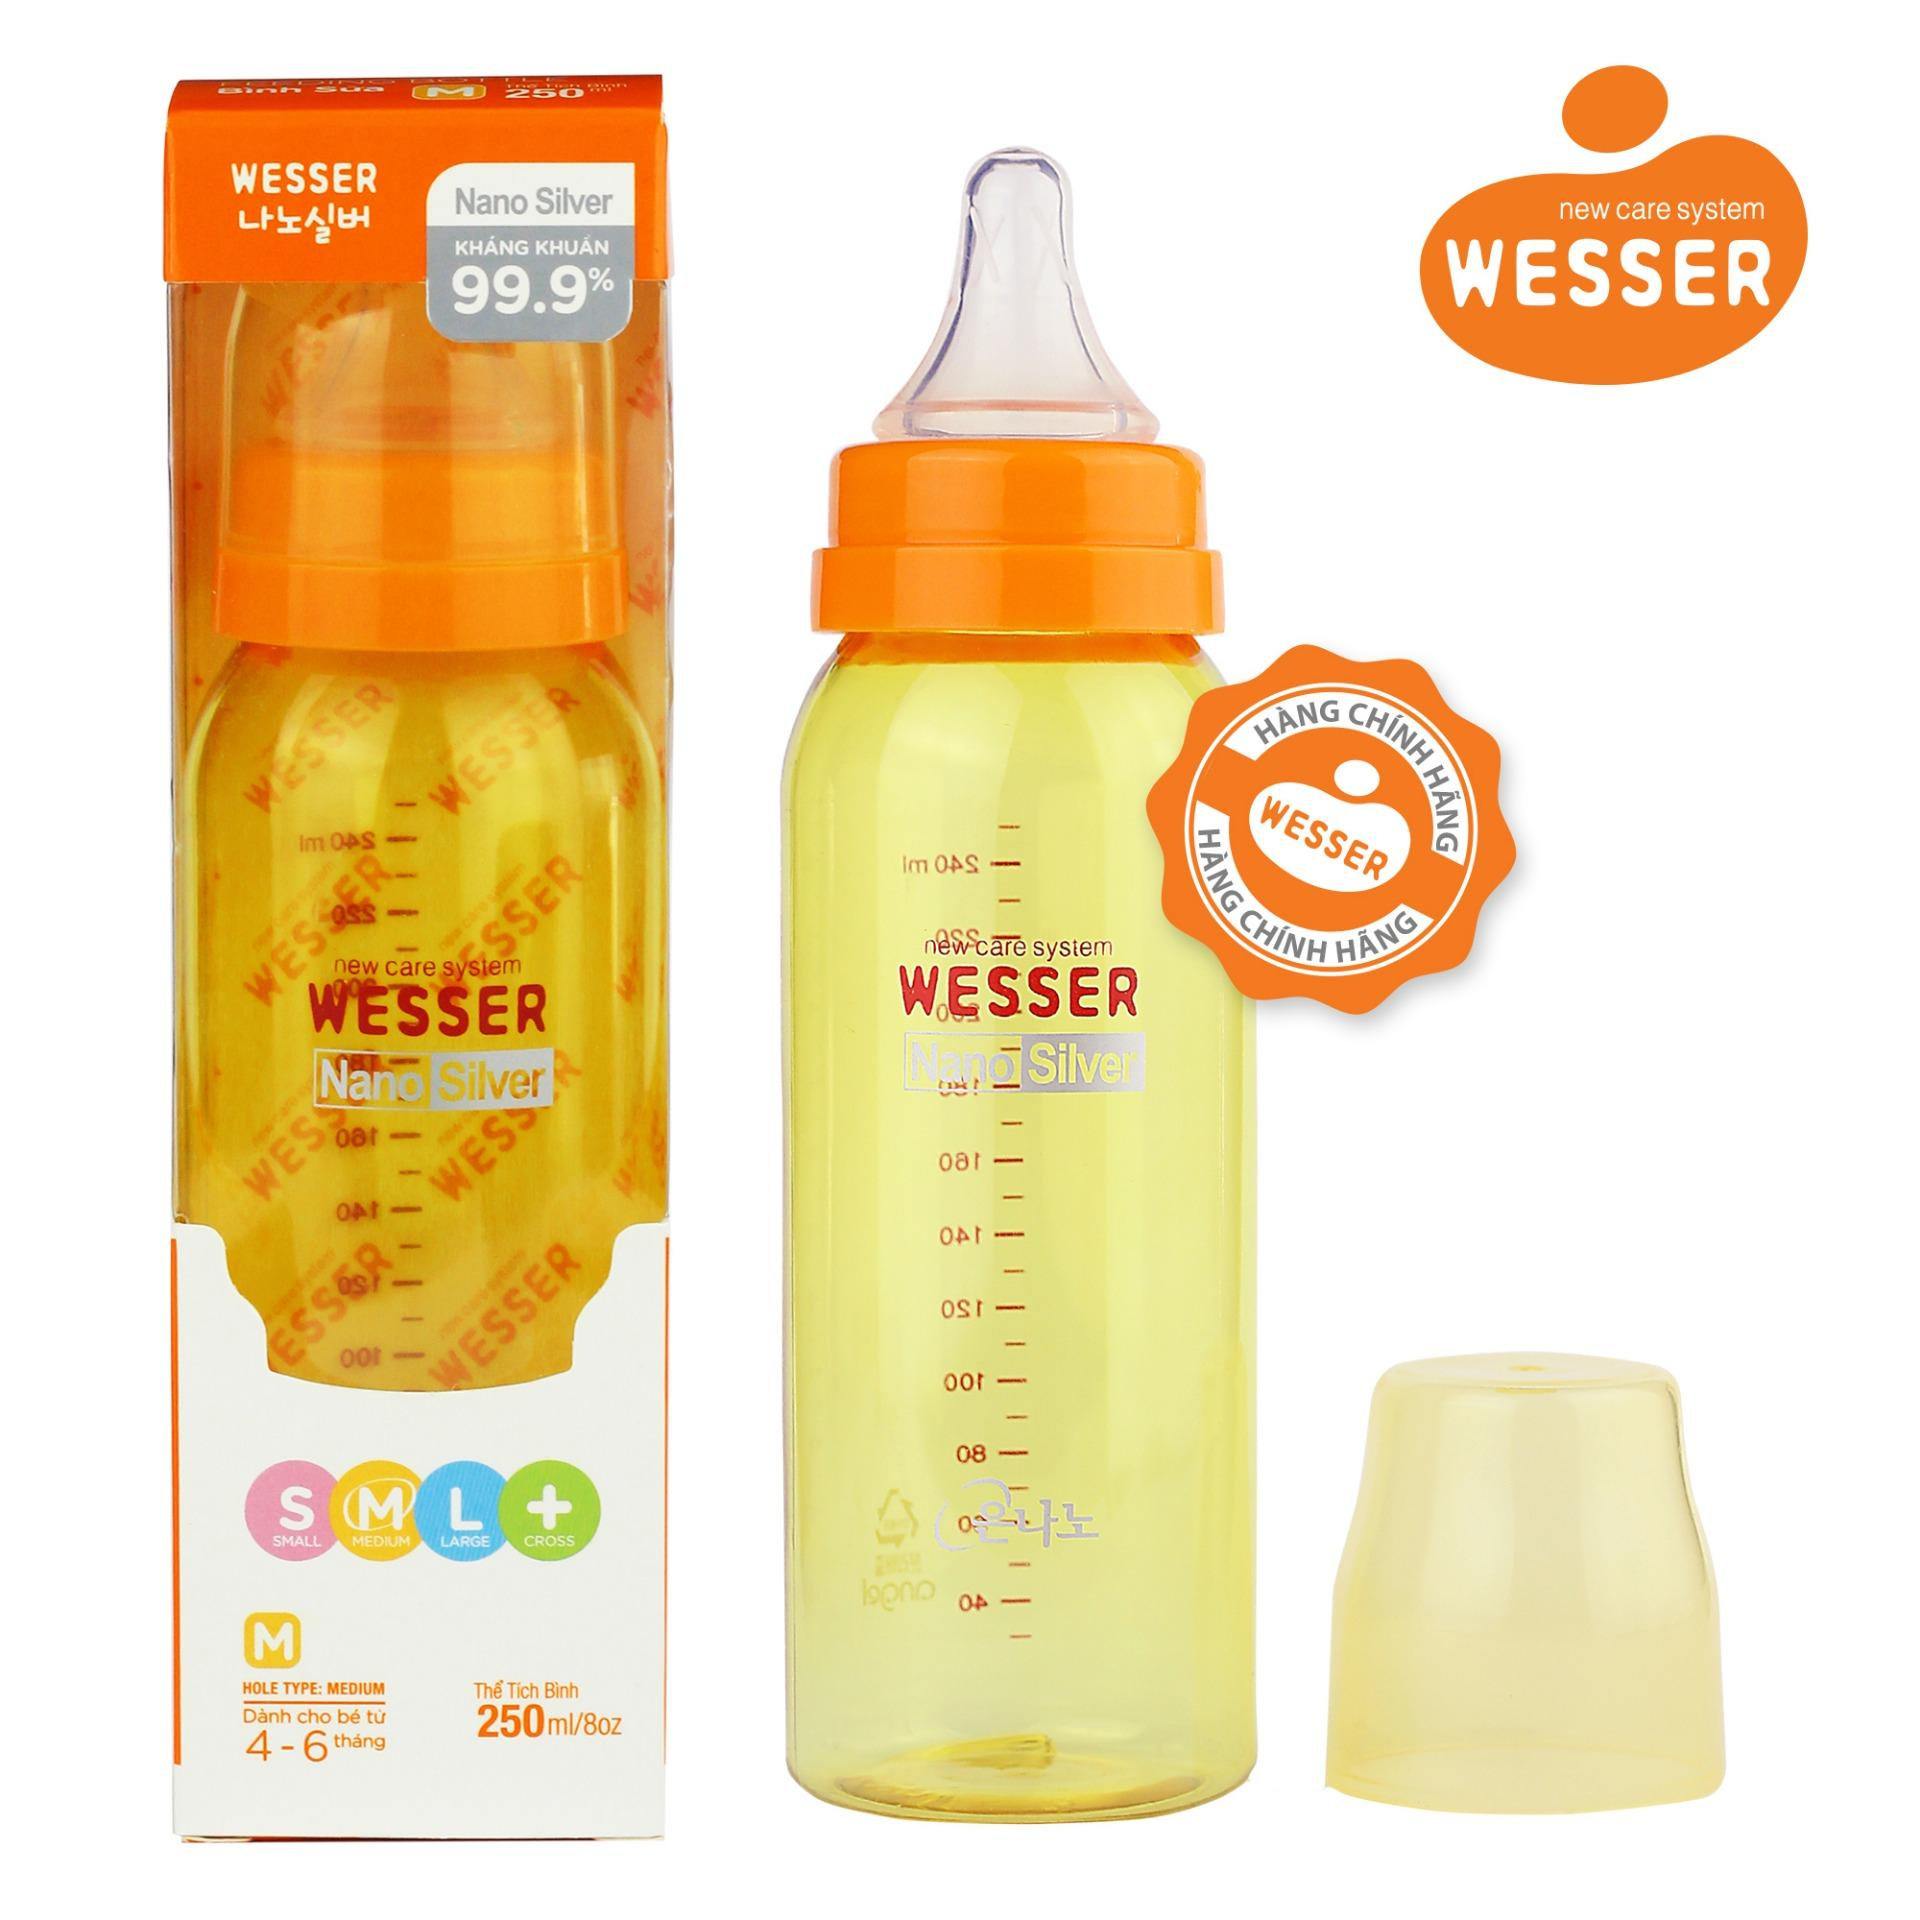 Mua Binh Sữa Wesser Nano Silver Cổ Hẹp 250Ml Mau Vang Wesser Nguyên